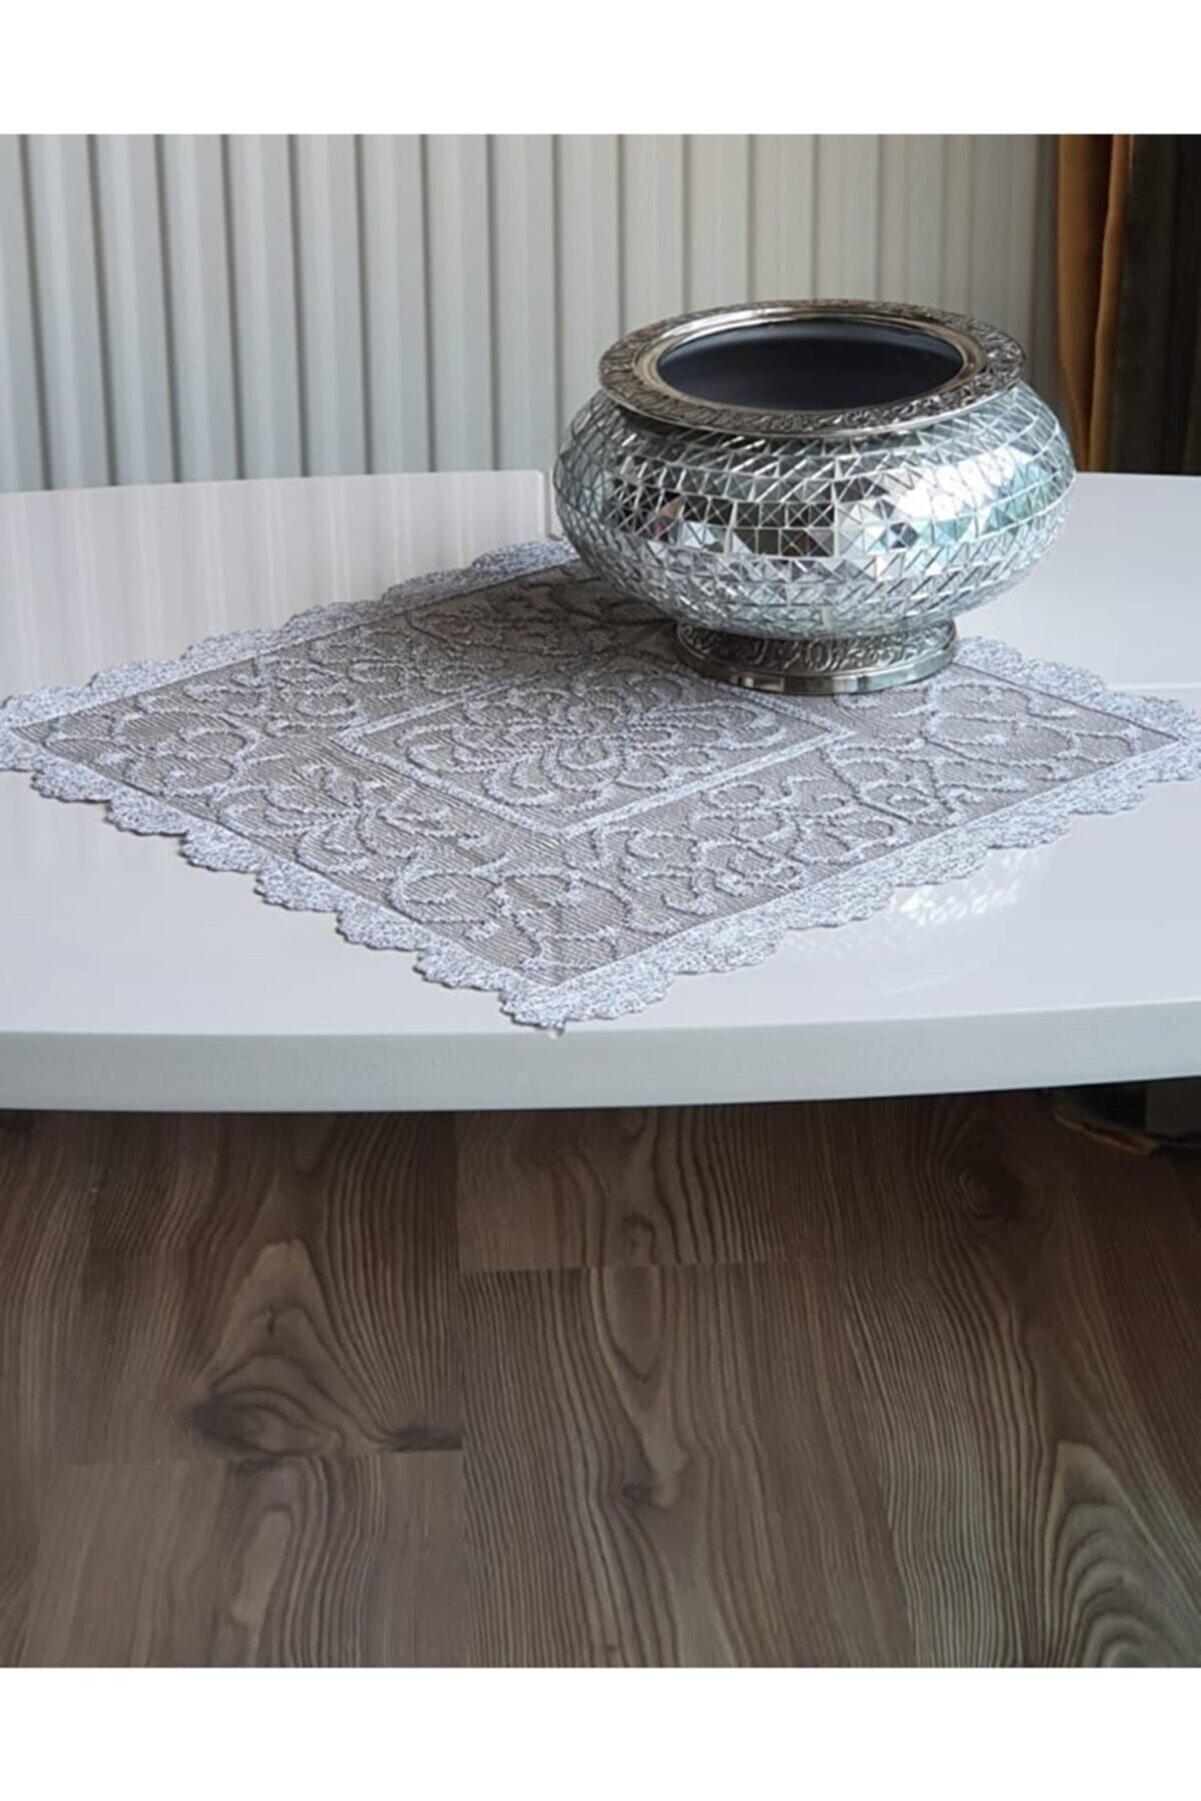 WENESSİ Osmanlı Desen Örme Peçete Örtüsü 6 Adet 30x30 (gri)